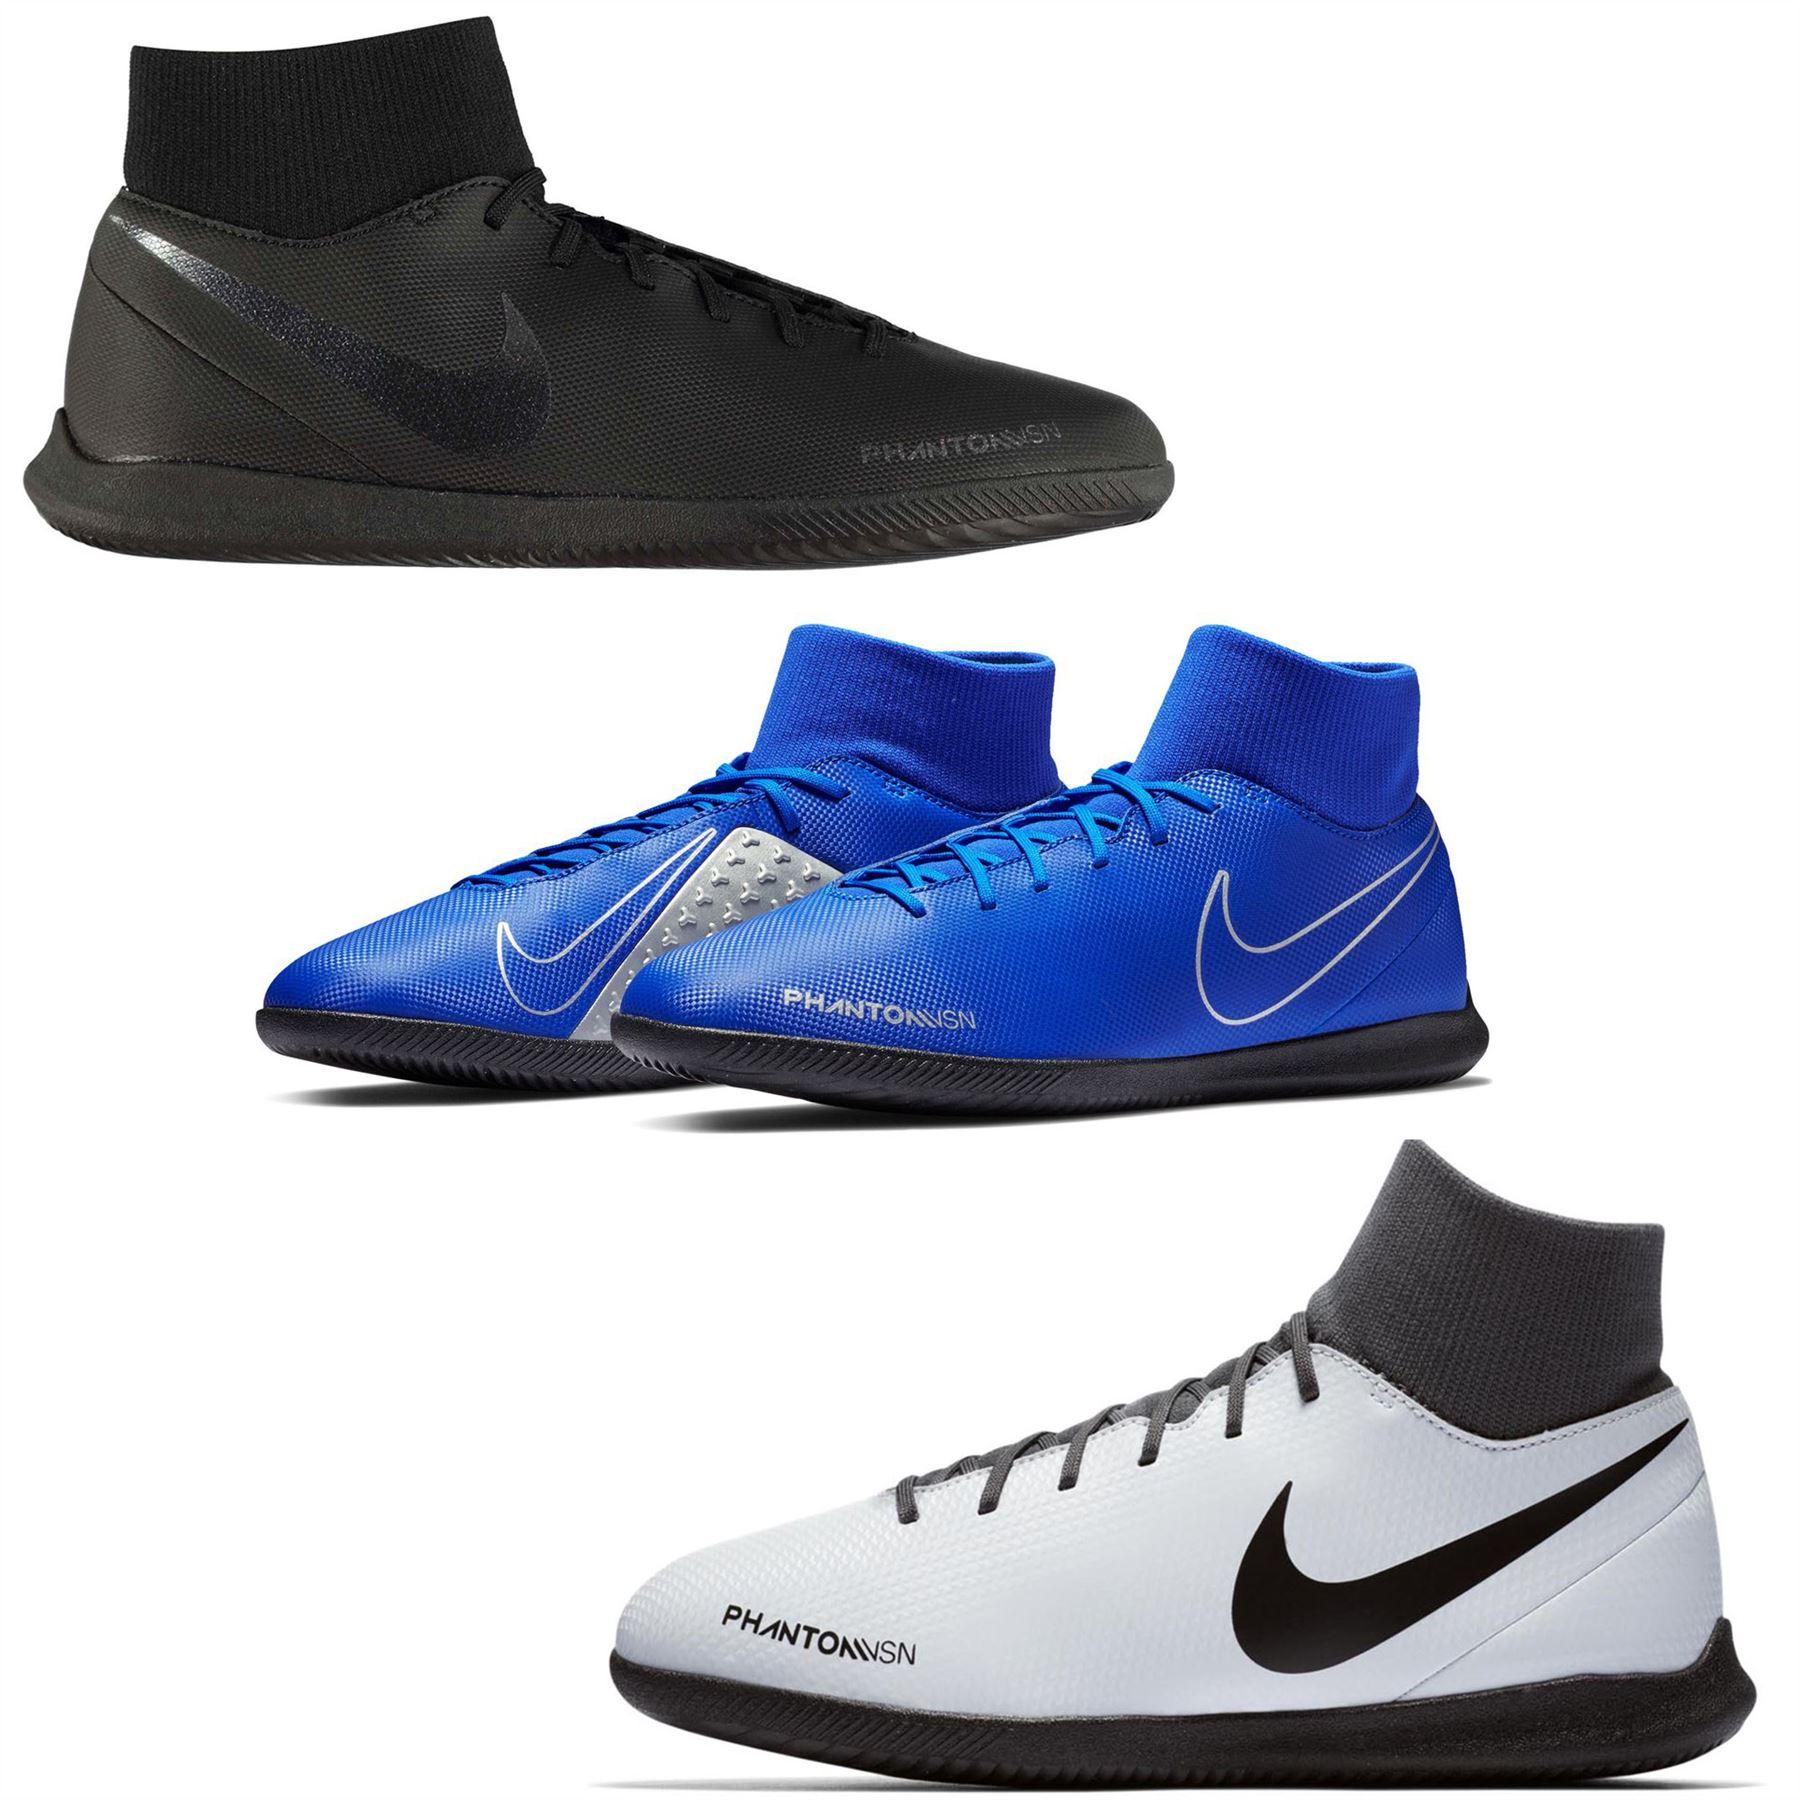 8ae4901768751 ... Nike Phantom Vision Club DF Indoor Football Trainers Mens Soccer Futsal  Shoes ...